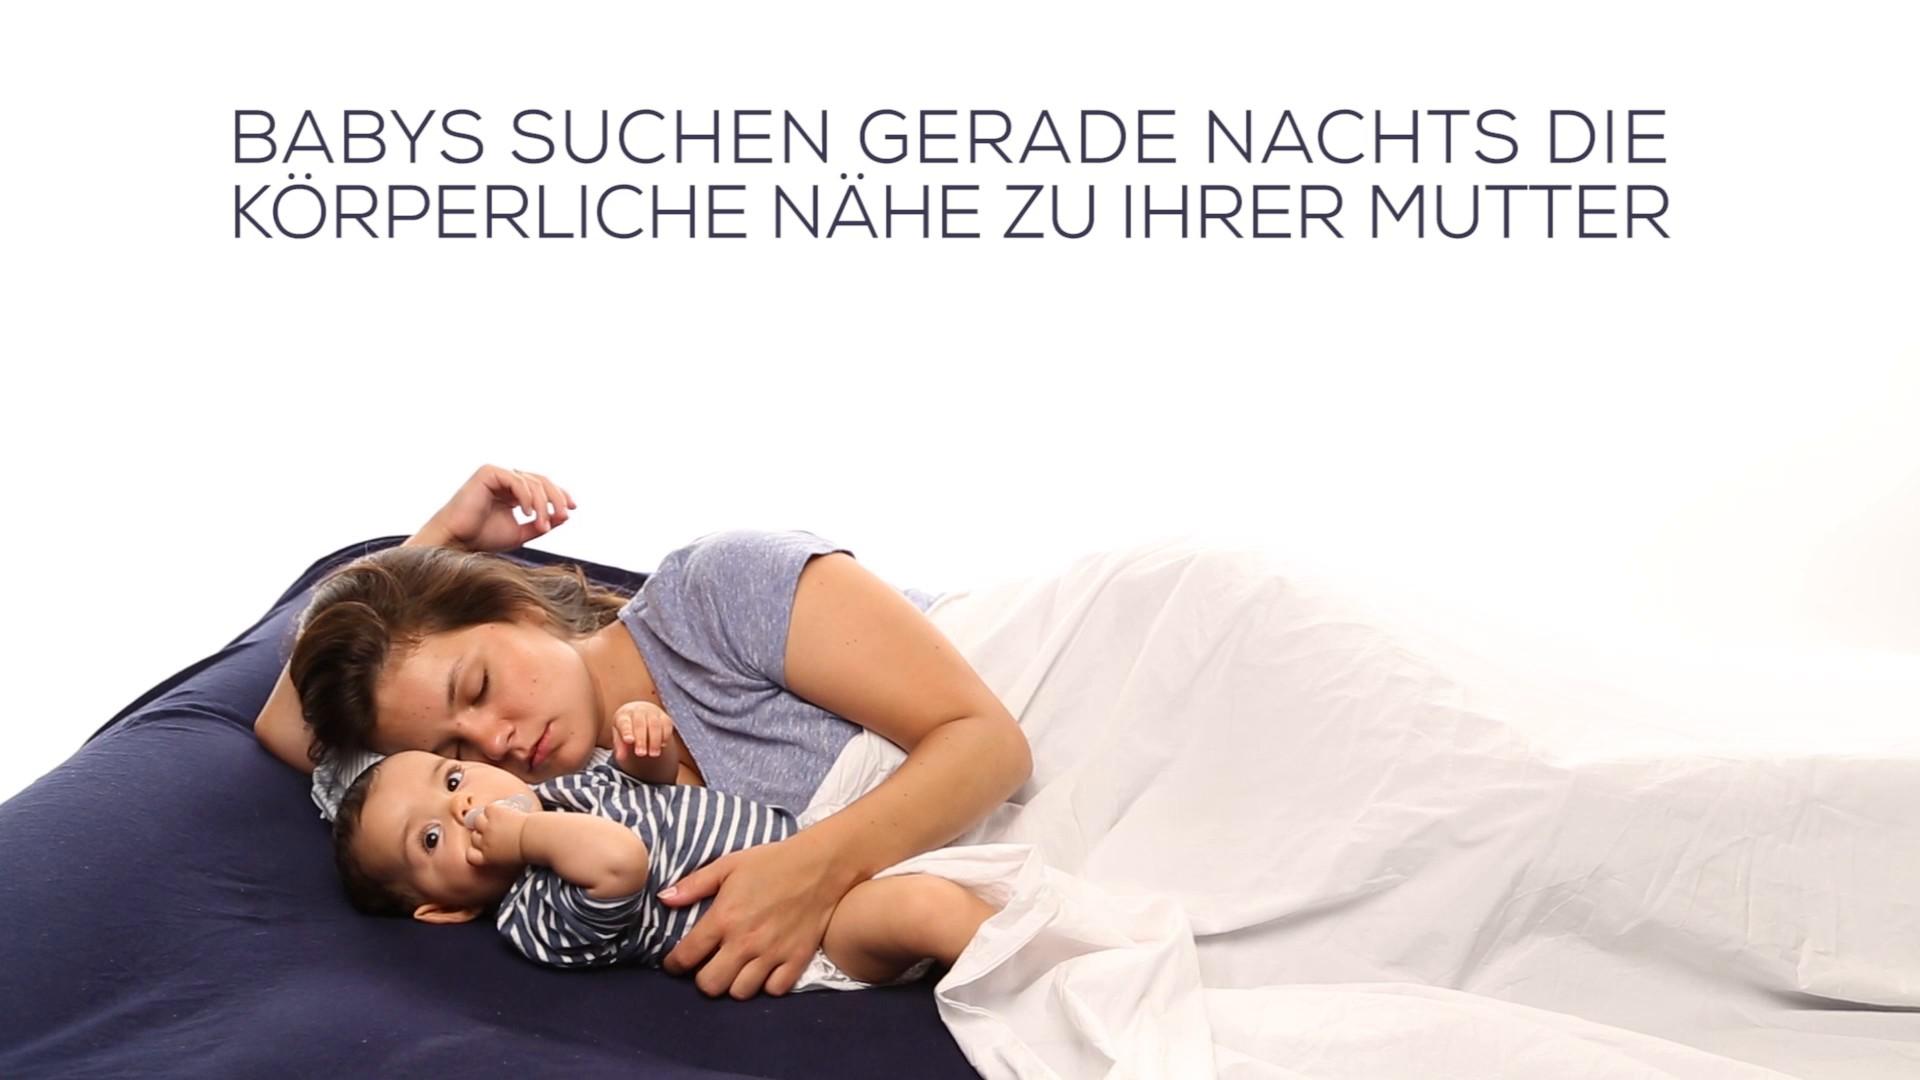 Babymythos_Babys sollen nicht im Elternbett schlafen!_EL.mp4: image 1